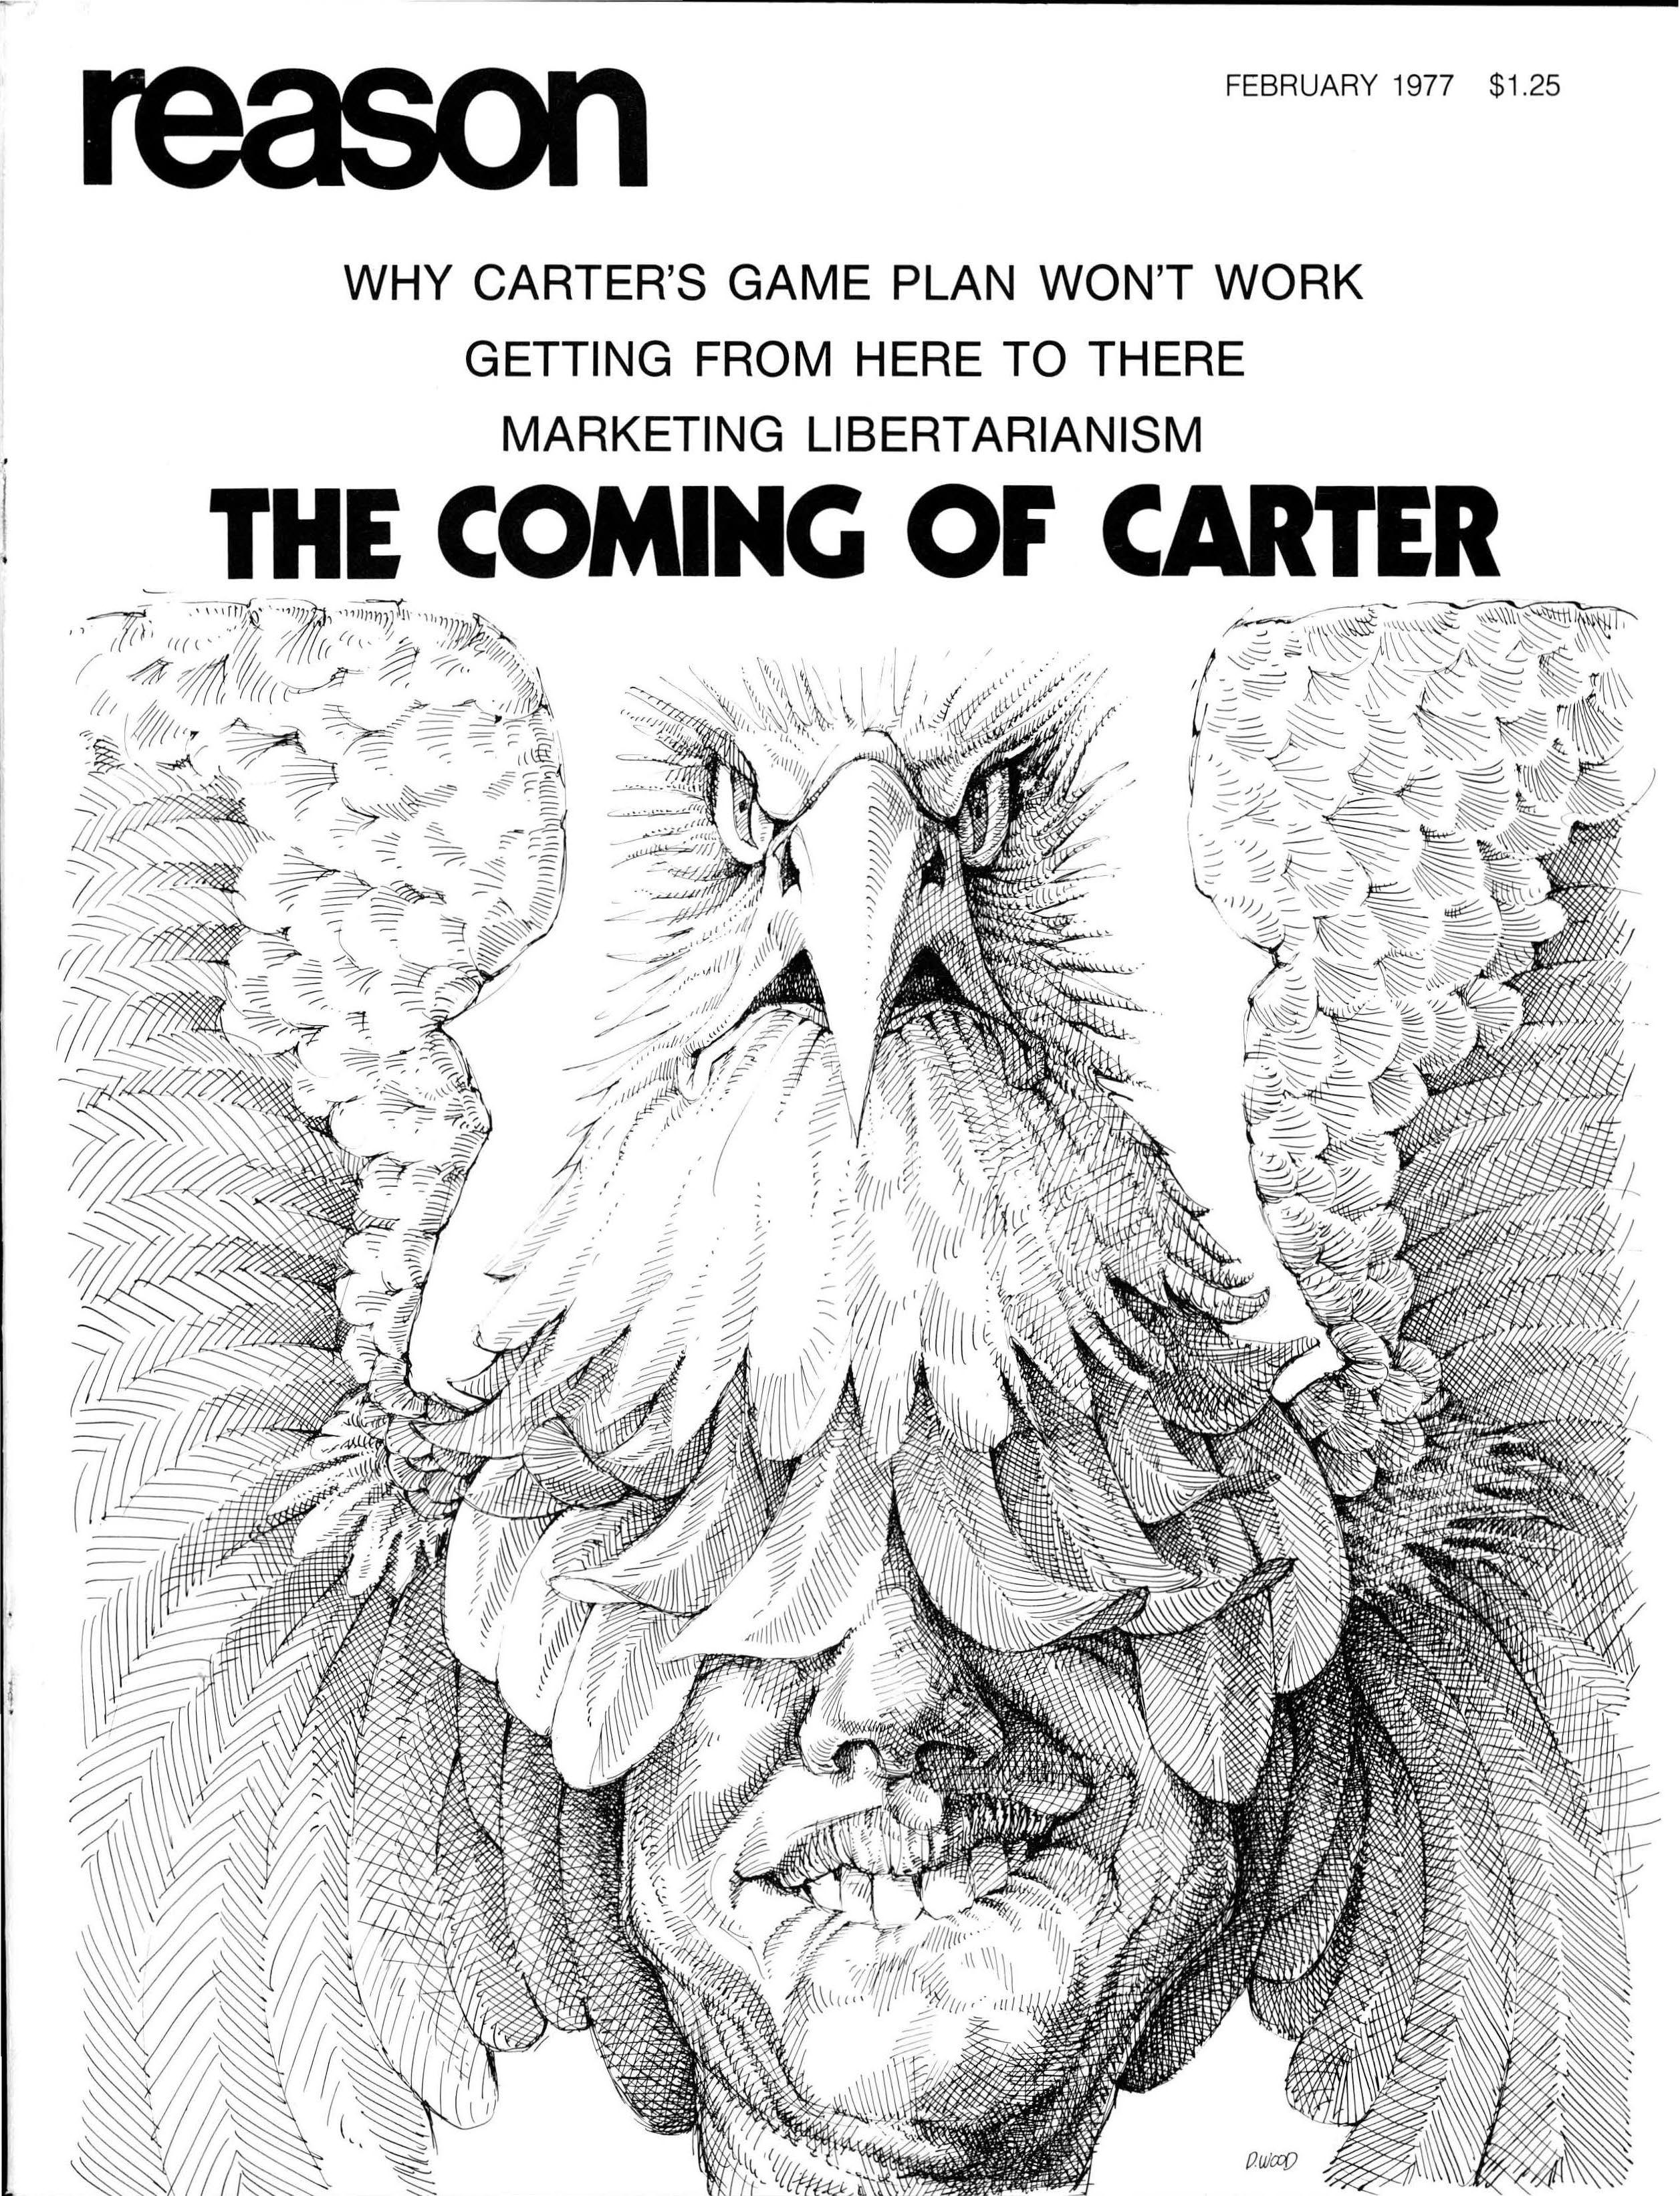 Reason Magazine, February 1977 cover image